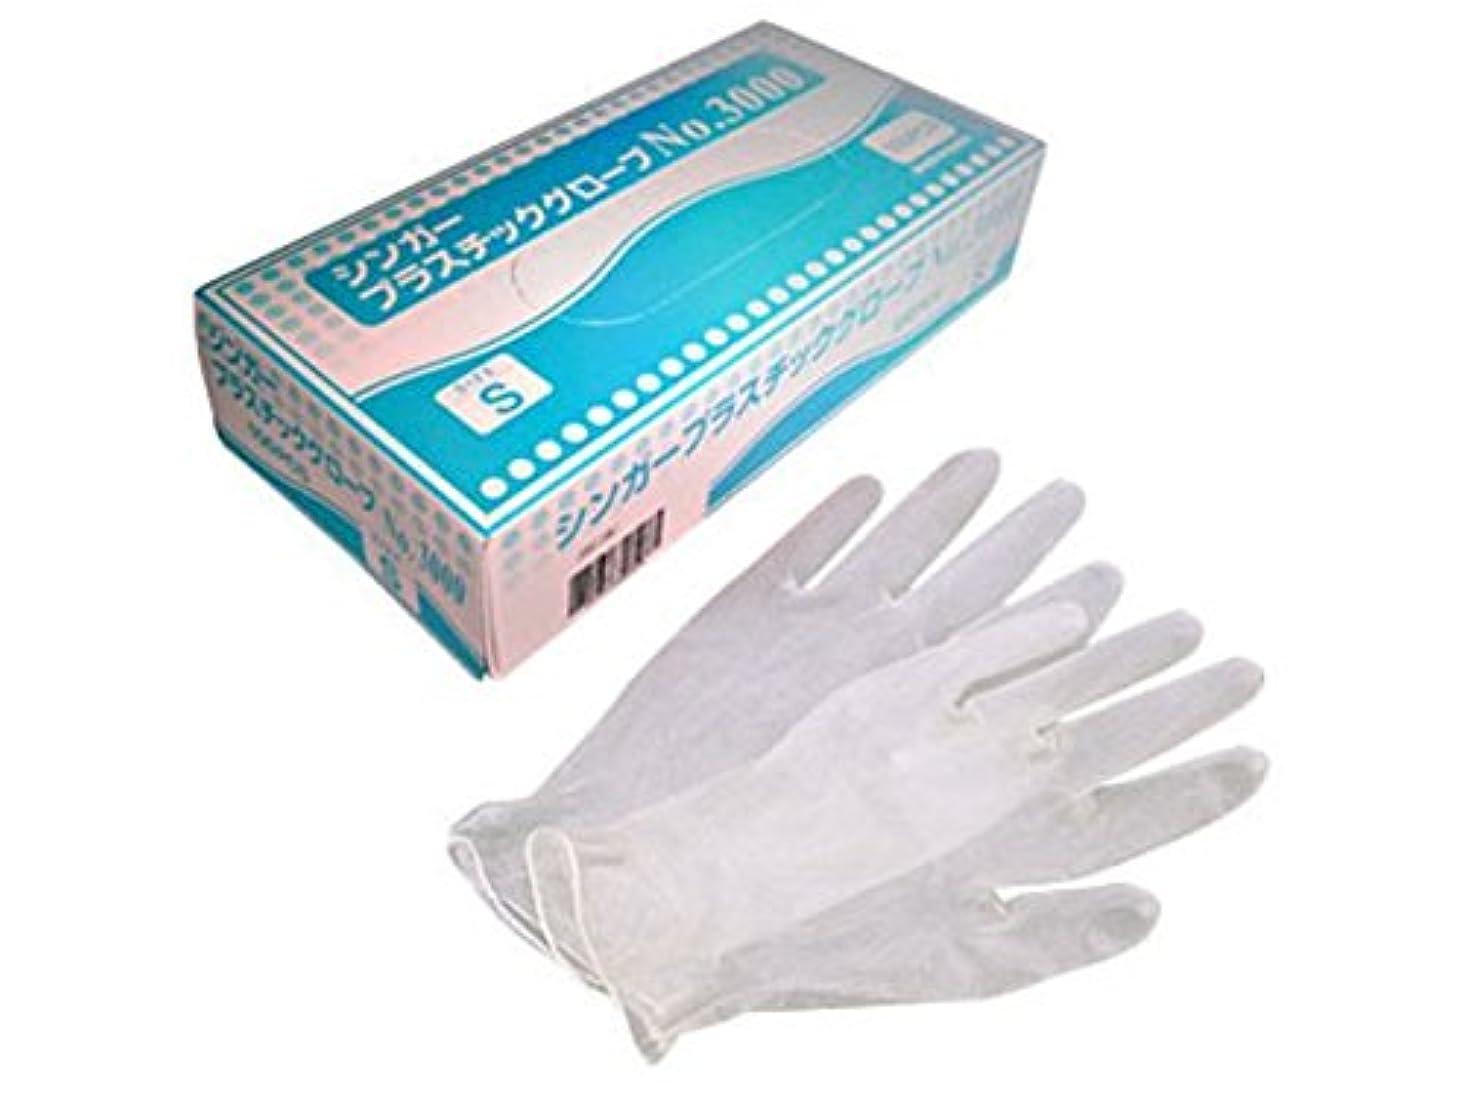 強制スカートシーズン使い捨て手袋 宇都宮プラスチックグローブNo.3000 粉付※白S 100枚X20箱 2000枚